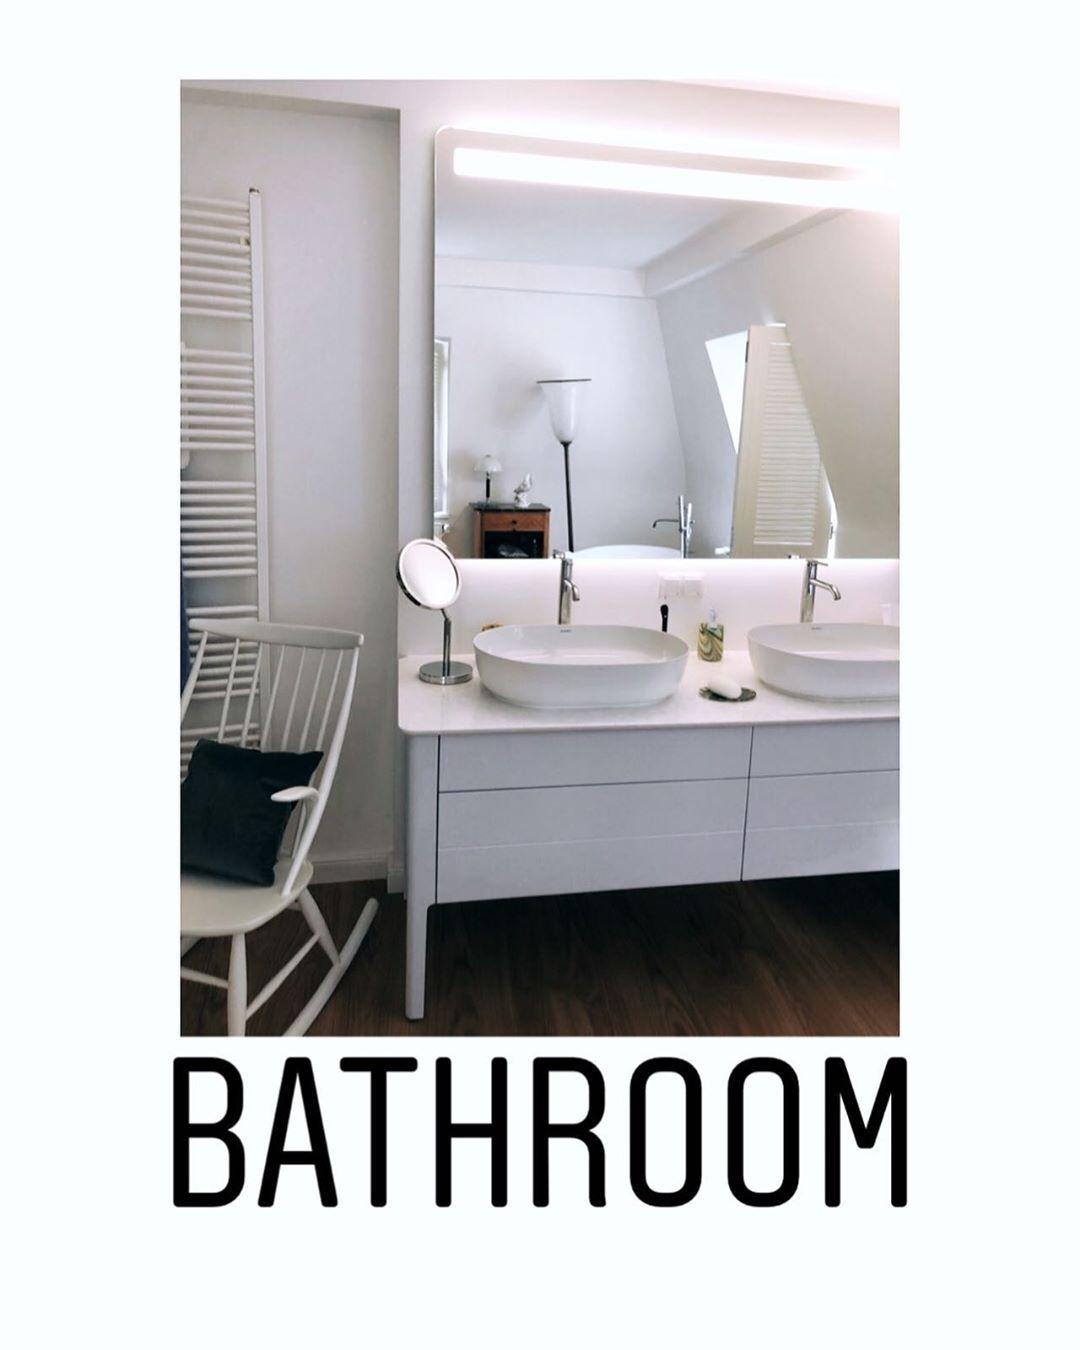 Das Badezimer Ein Ort Zum Wohlfuhlen Waschbecken Und Unterschrank Von Duravit Serie Luv Waschtischarmaturen Duravit Leuchtspiegel Duravit Serie Luv Design